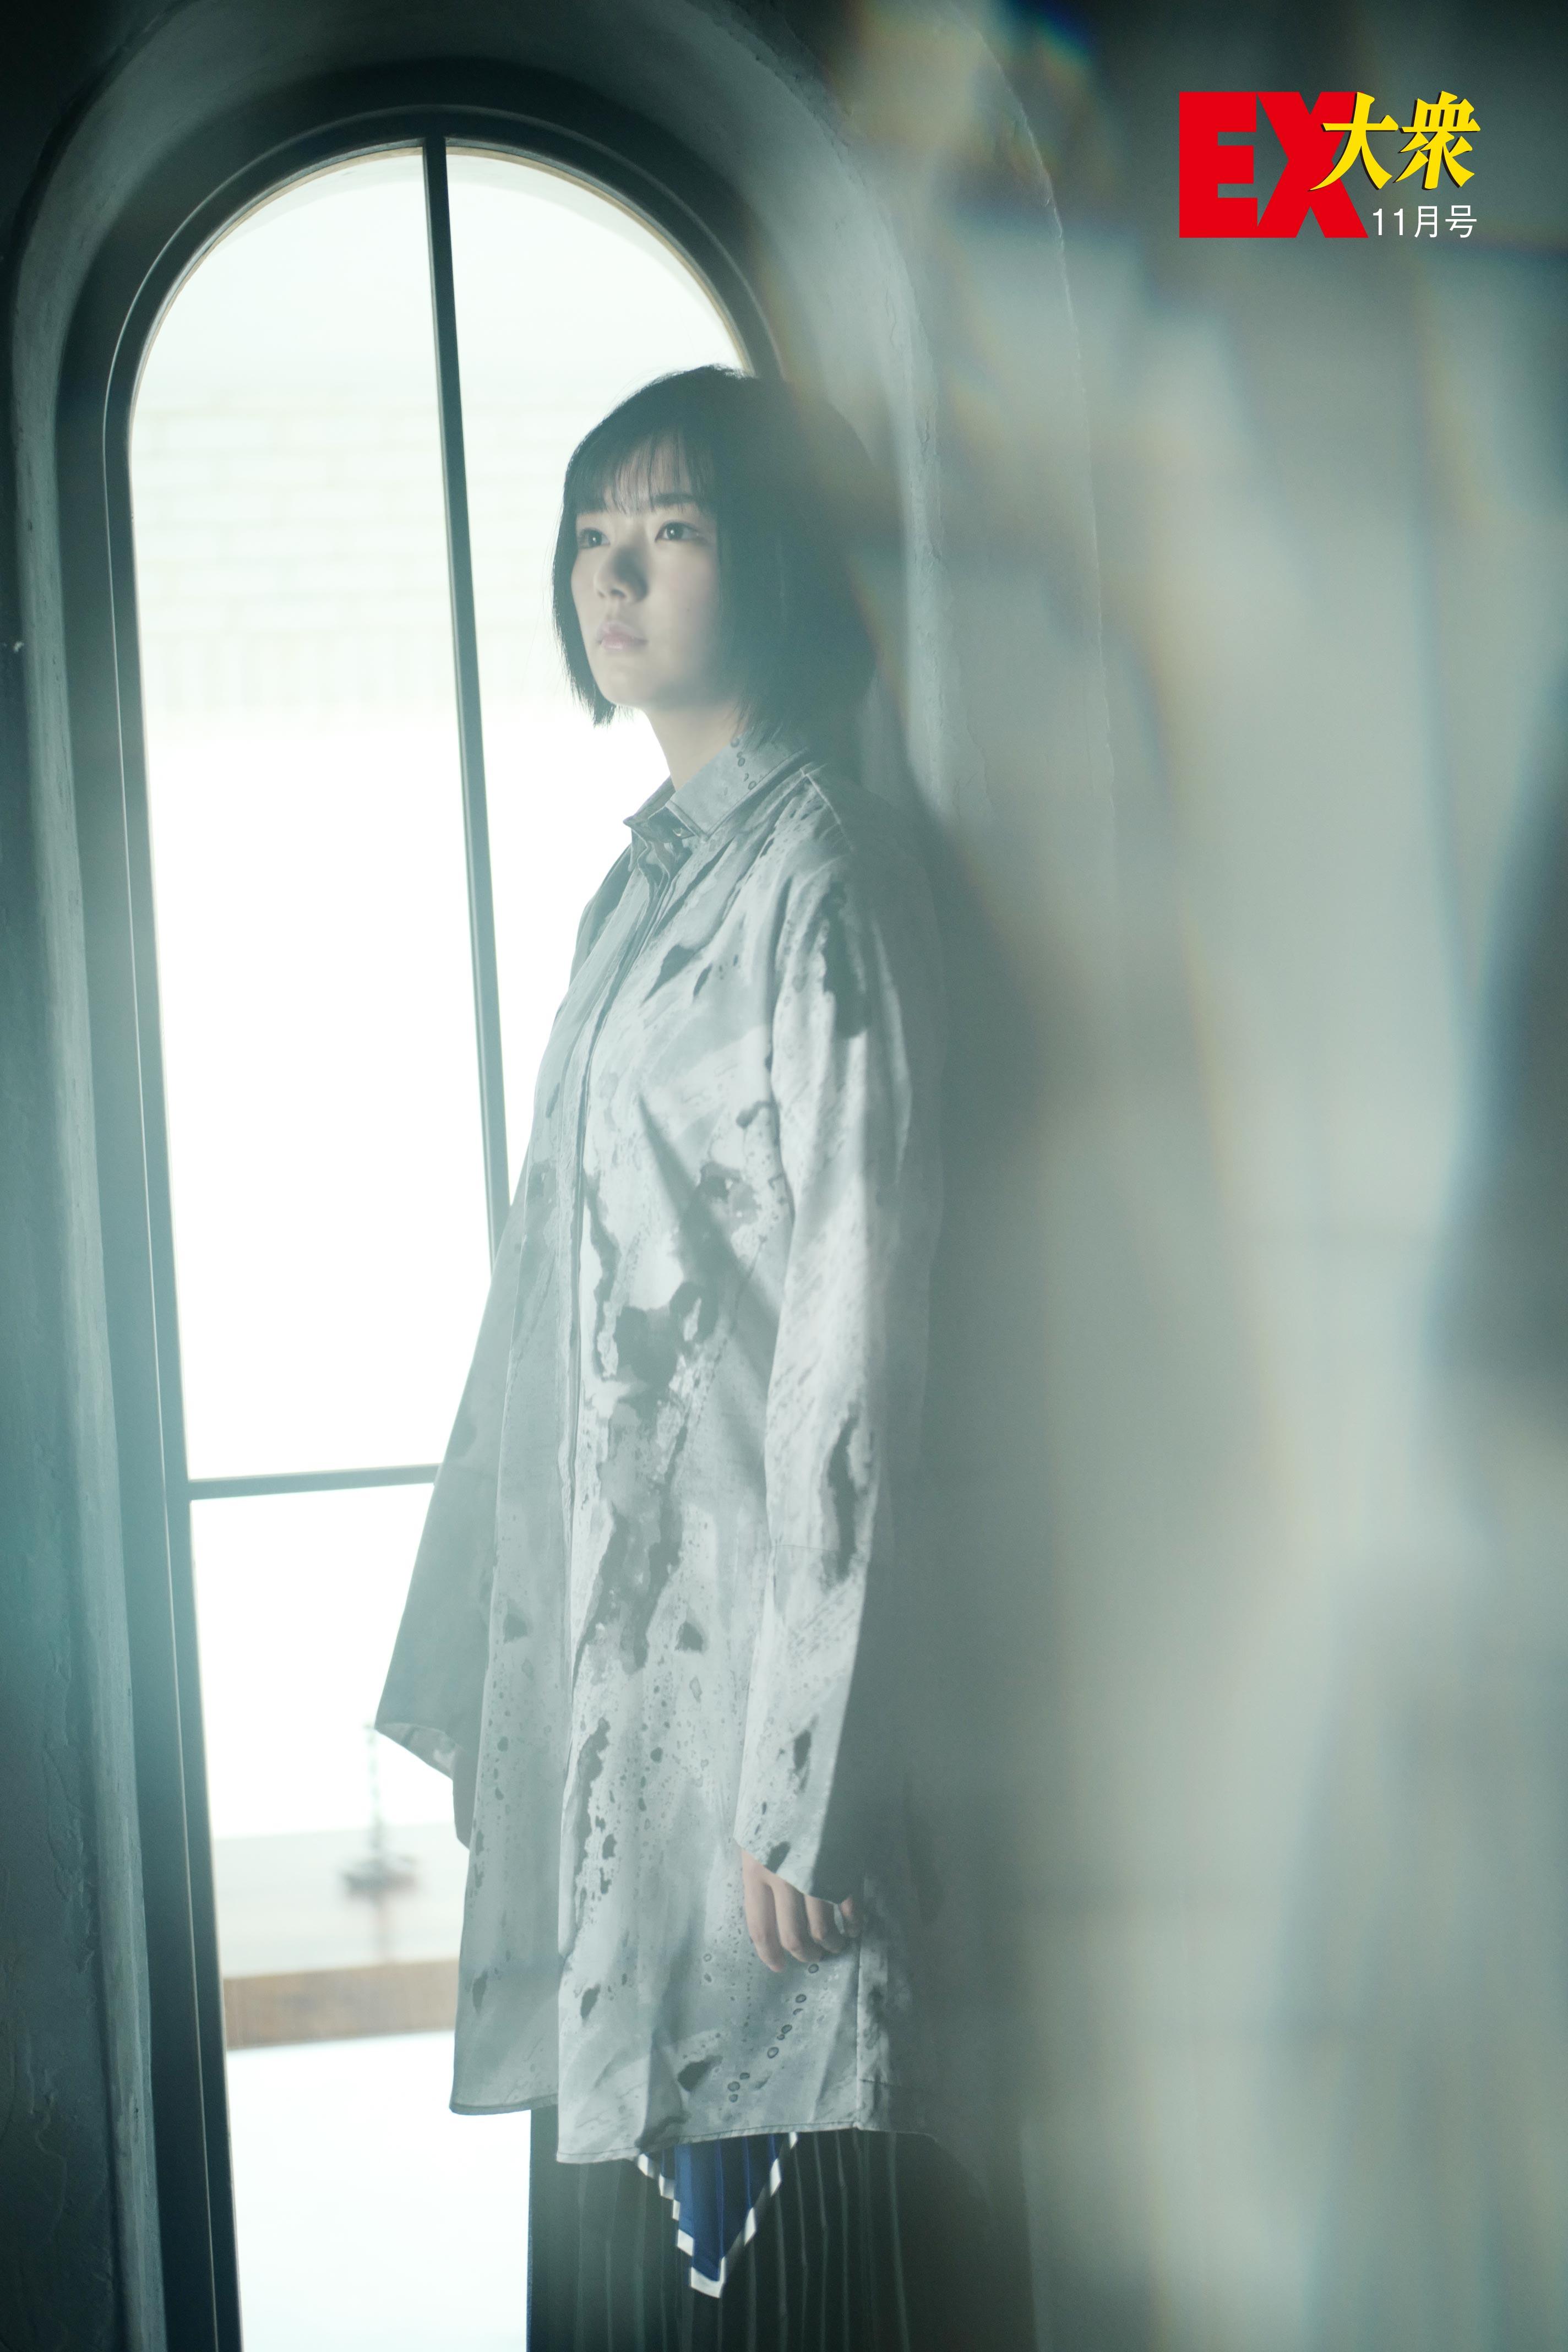 欅坂46藤吉夏鈴の本誌未掲載カット4枚を大公開!【EX大衆11月号】の画像003